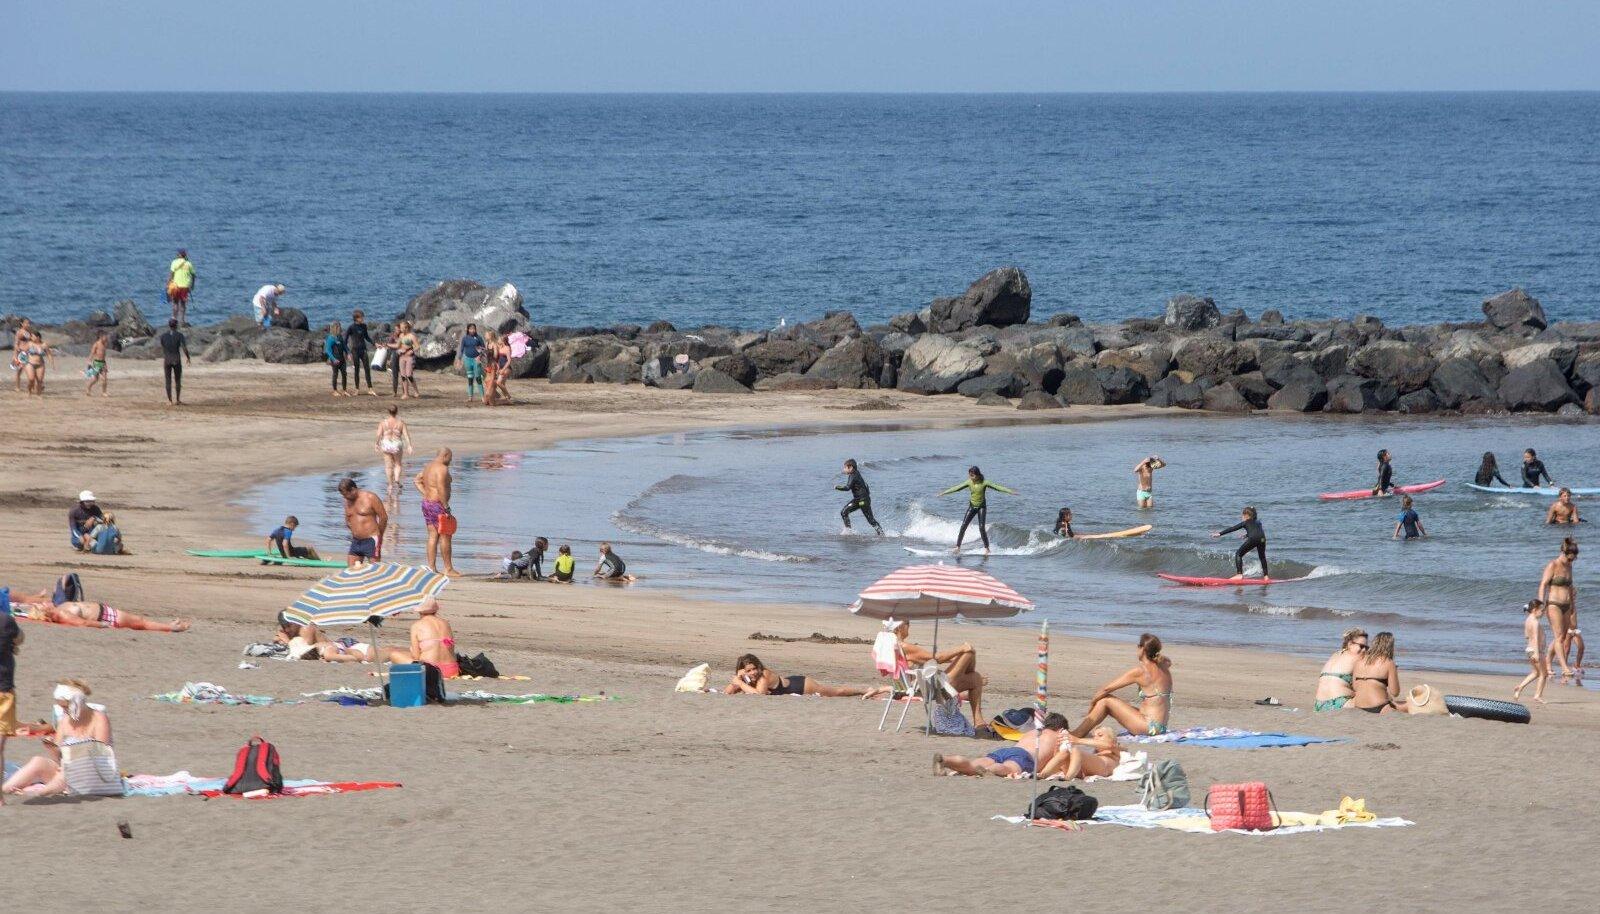 Eesti tahab teha erandi ja lubada sõita Tenerifele suve pikendama.